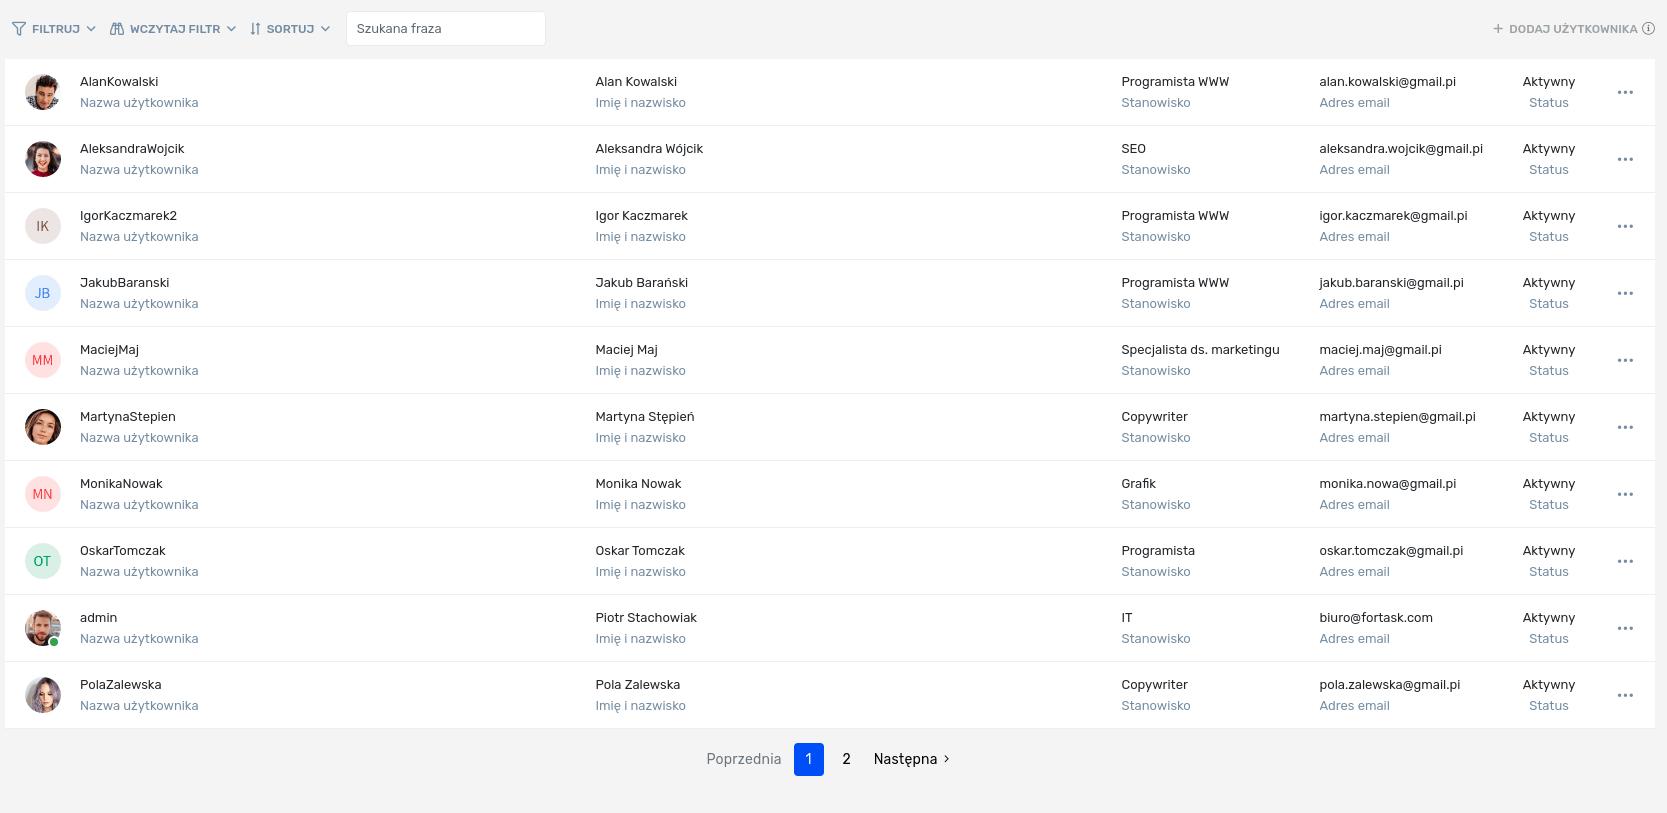 Lista użytkowników